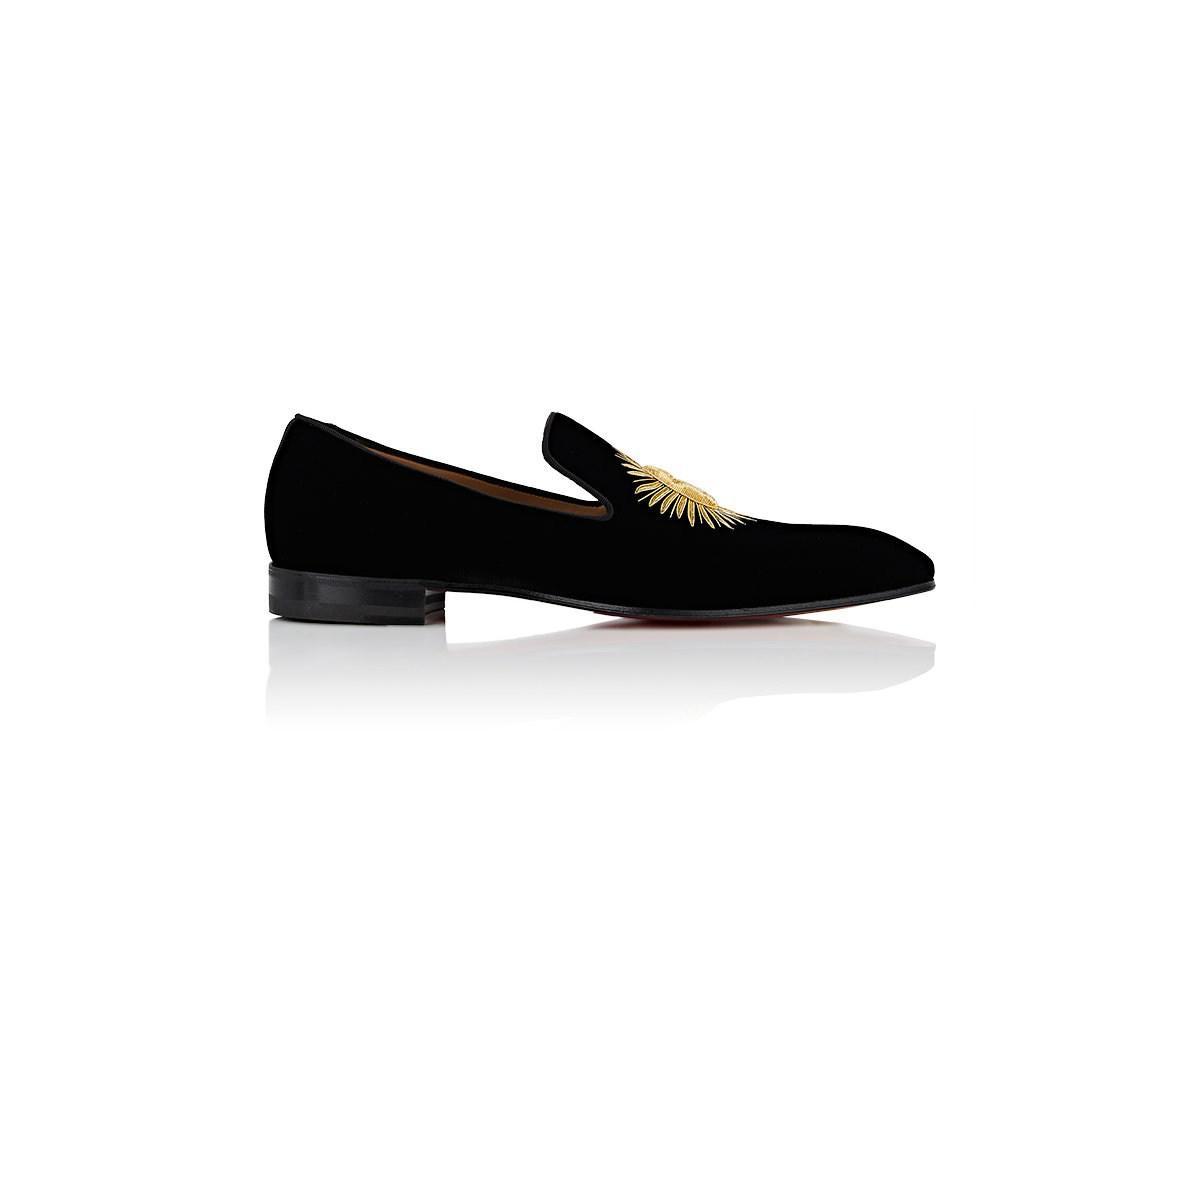 479f4022cfae Christian Louboutin Morning Dandelion Velvet Slippers in Black for ...